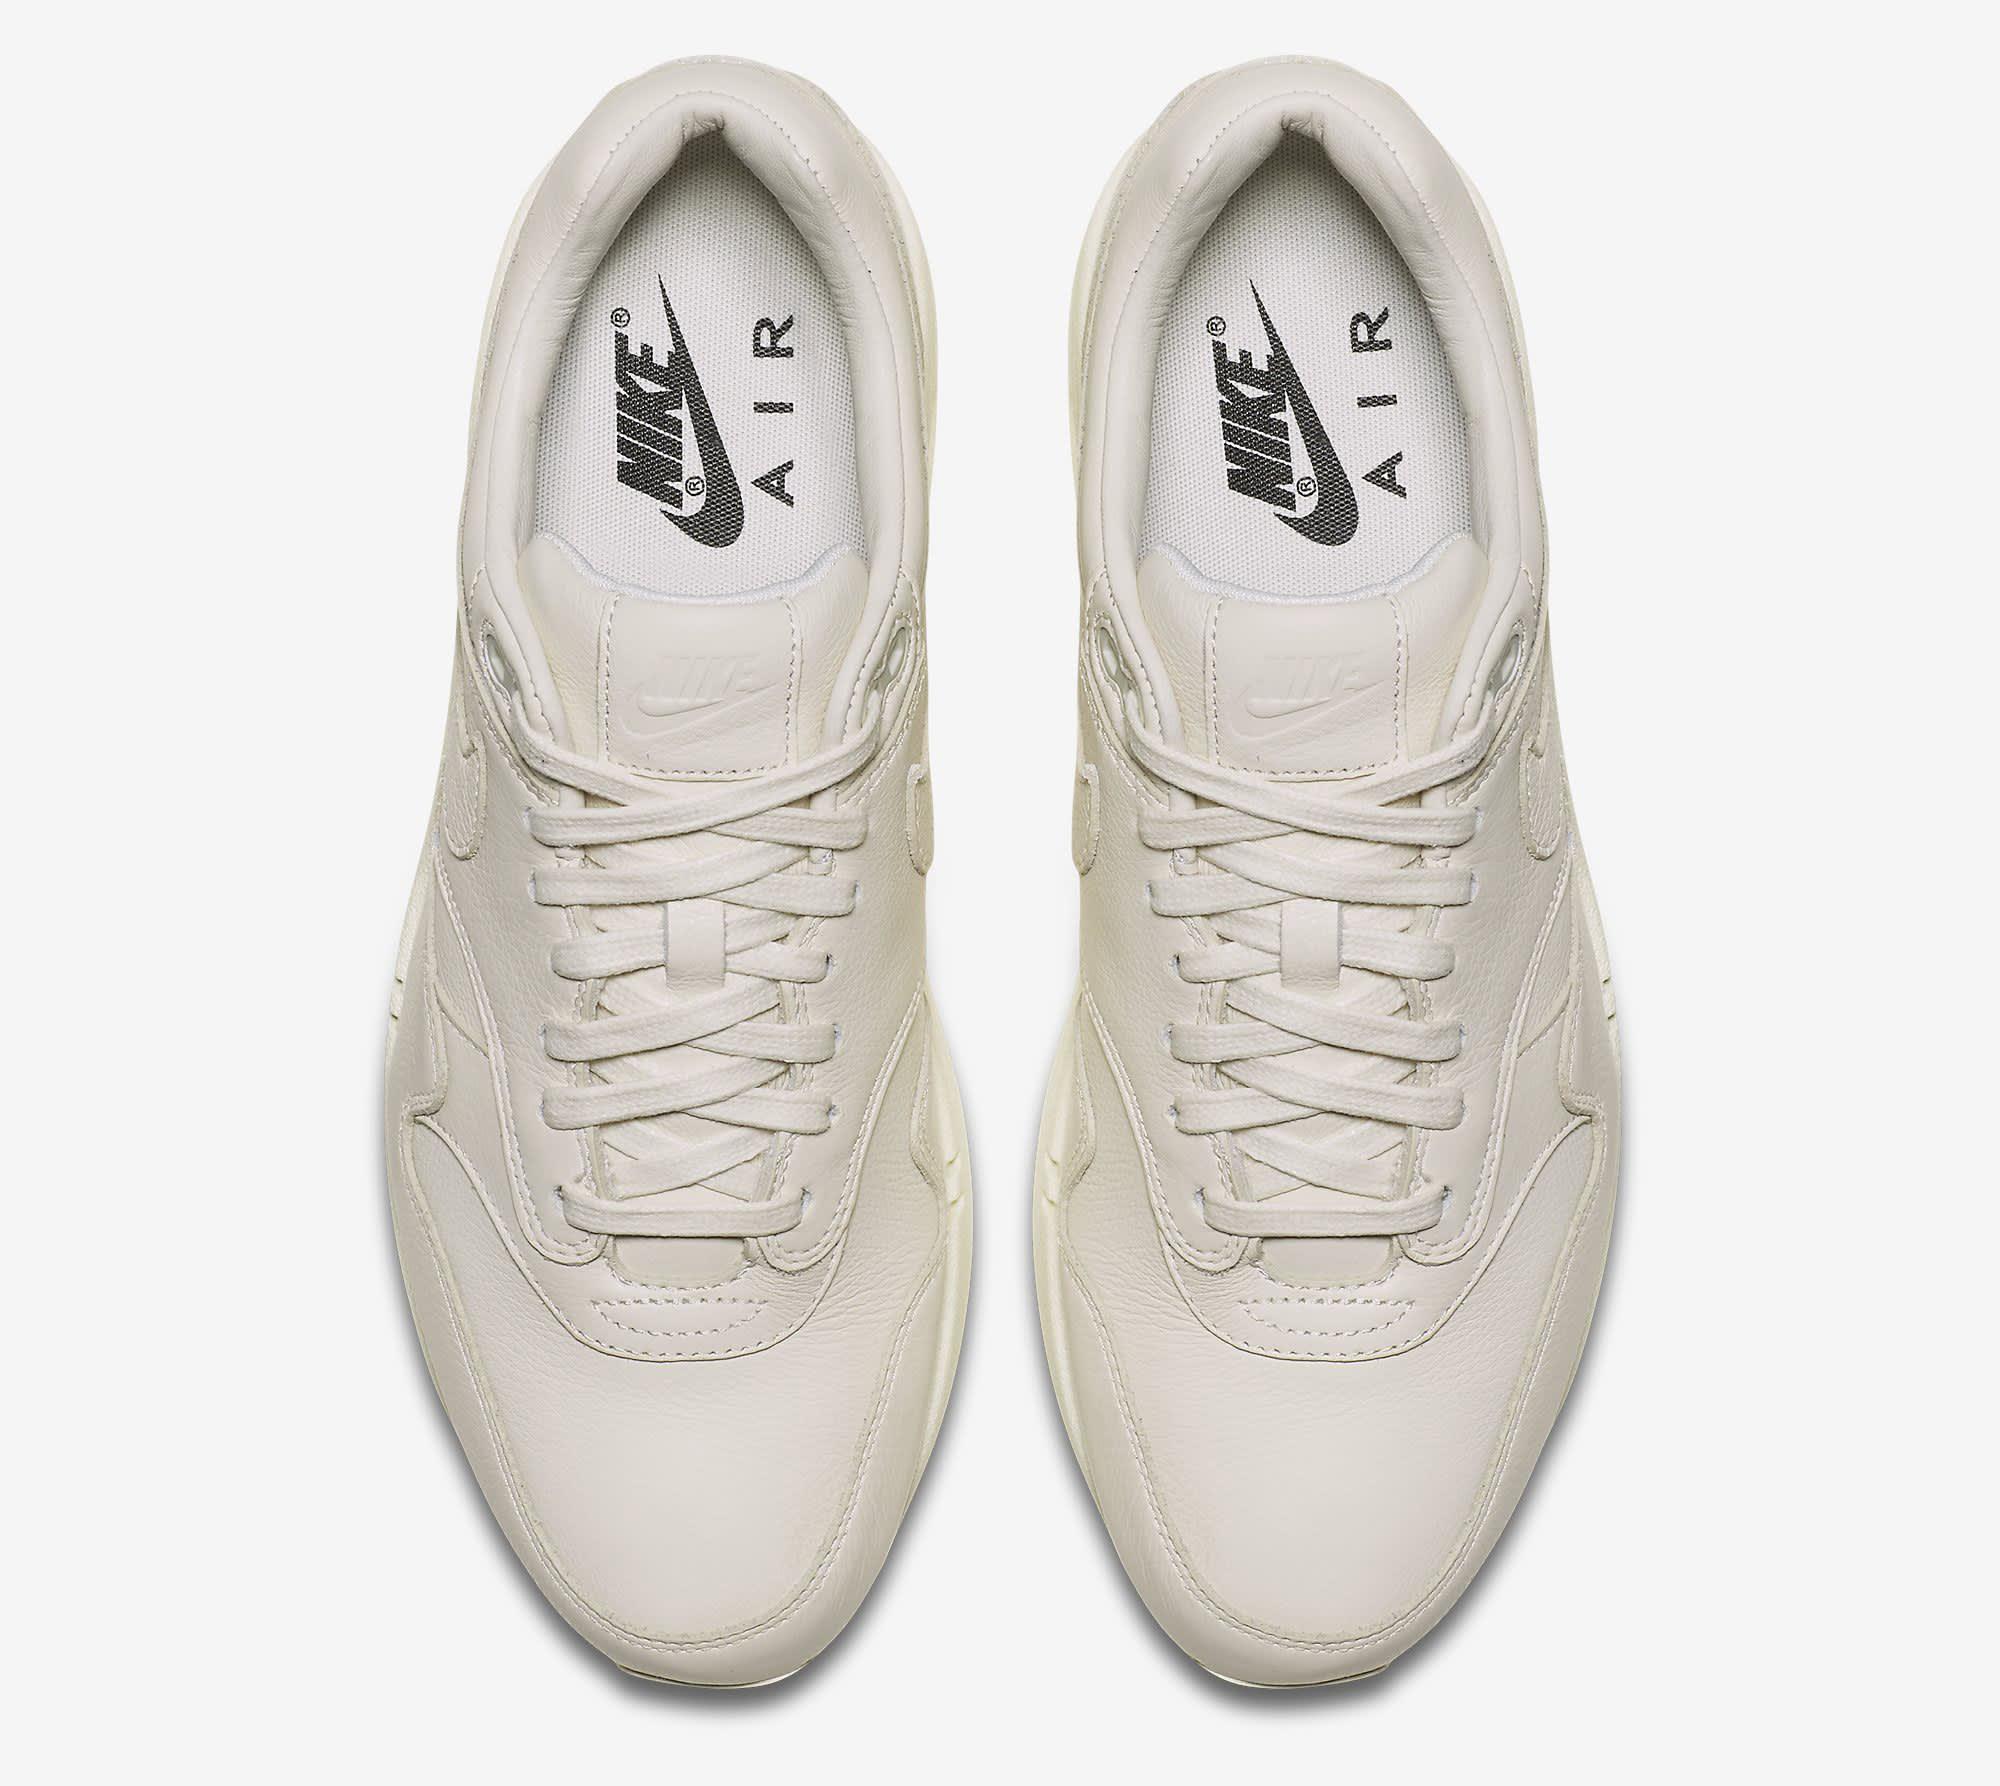 Nike Air Max 1 Pinnacle Sail 859554-101 Top